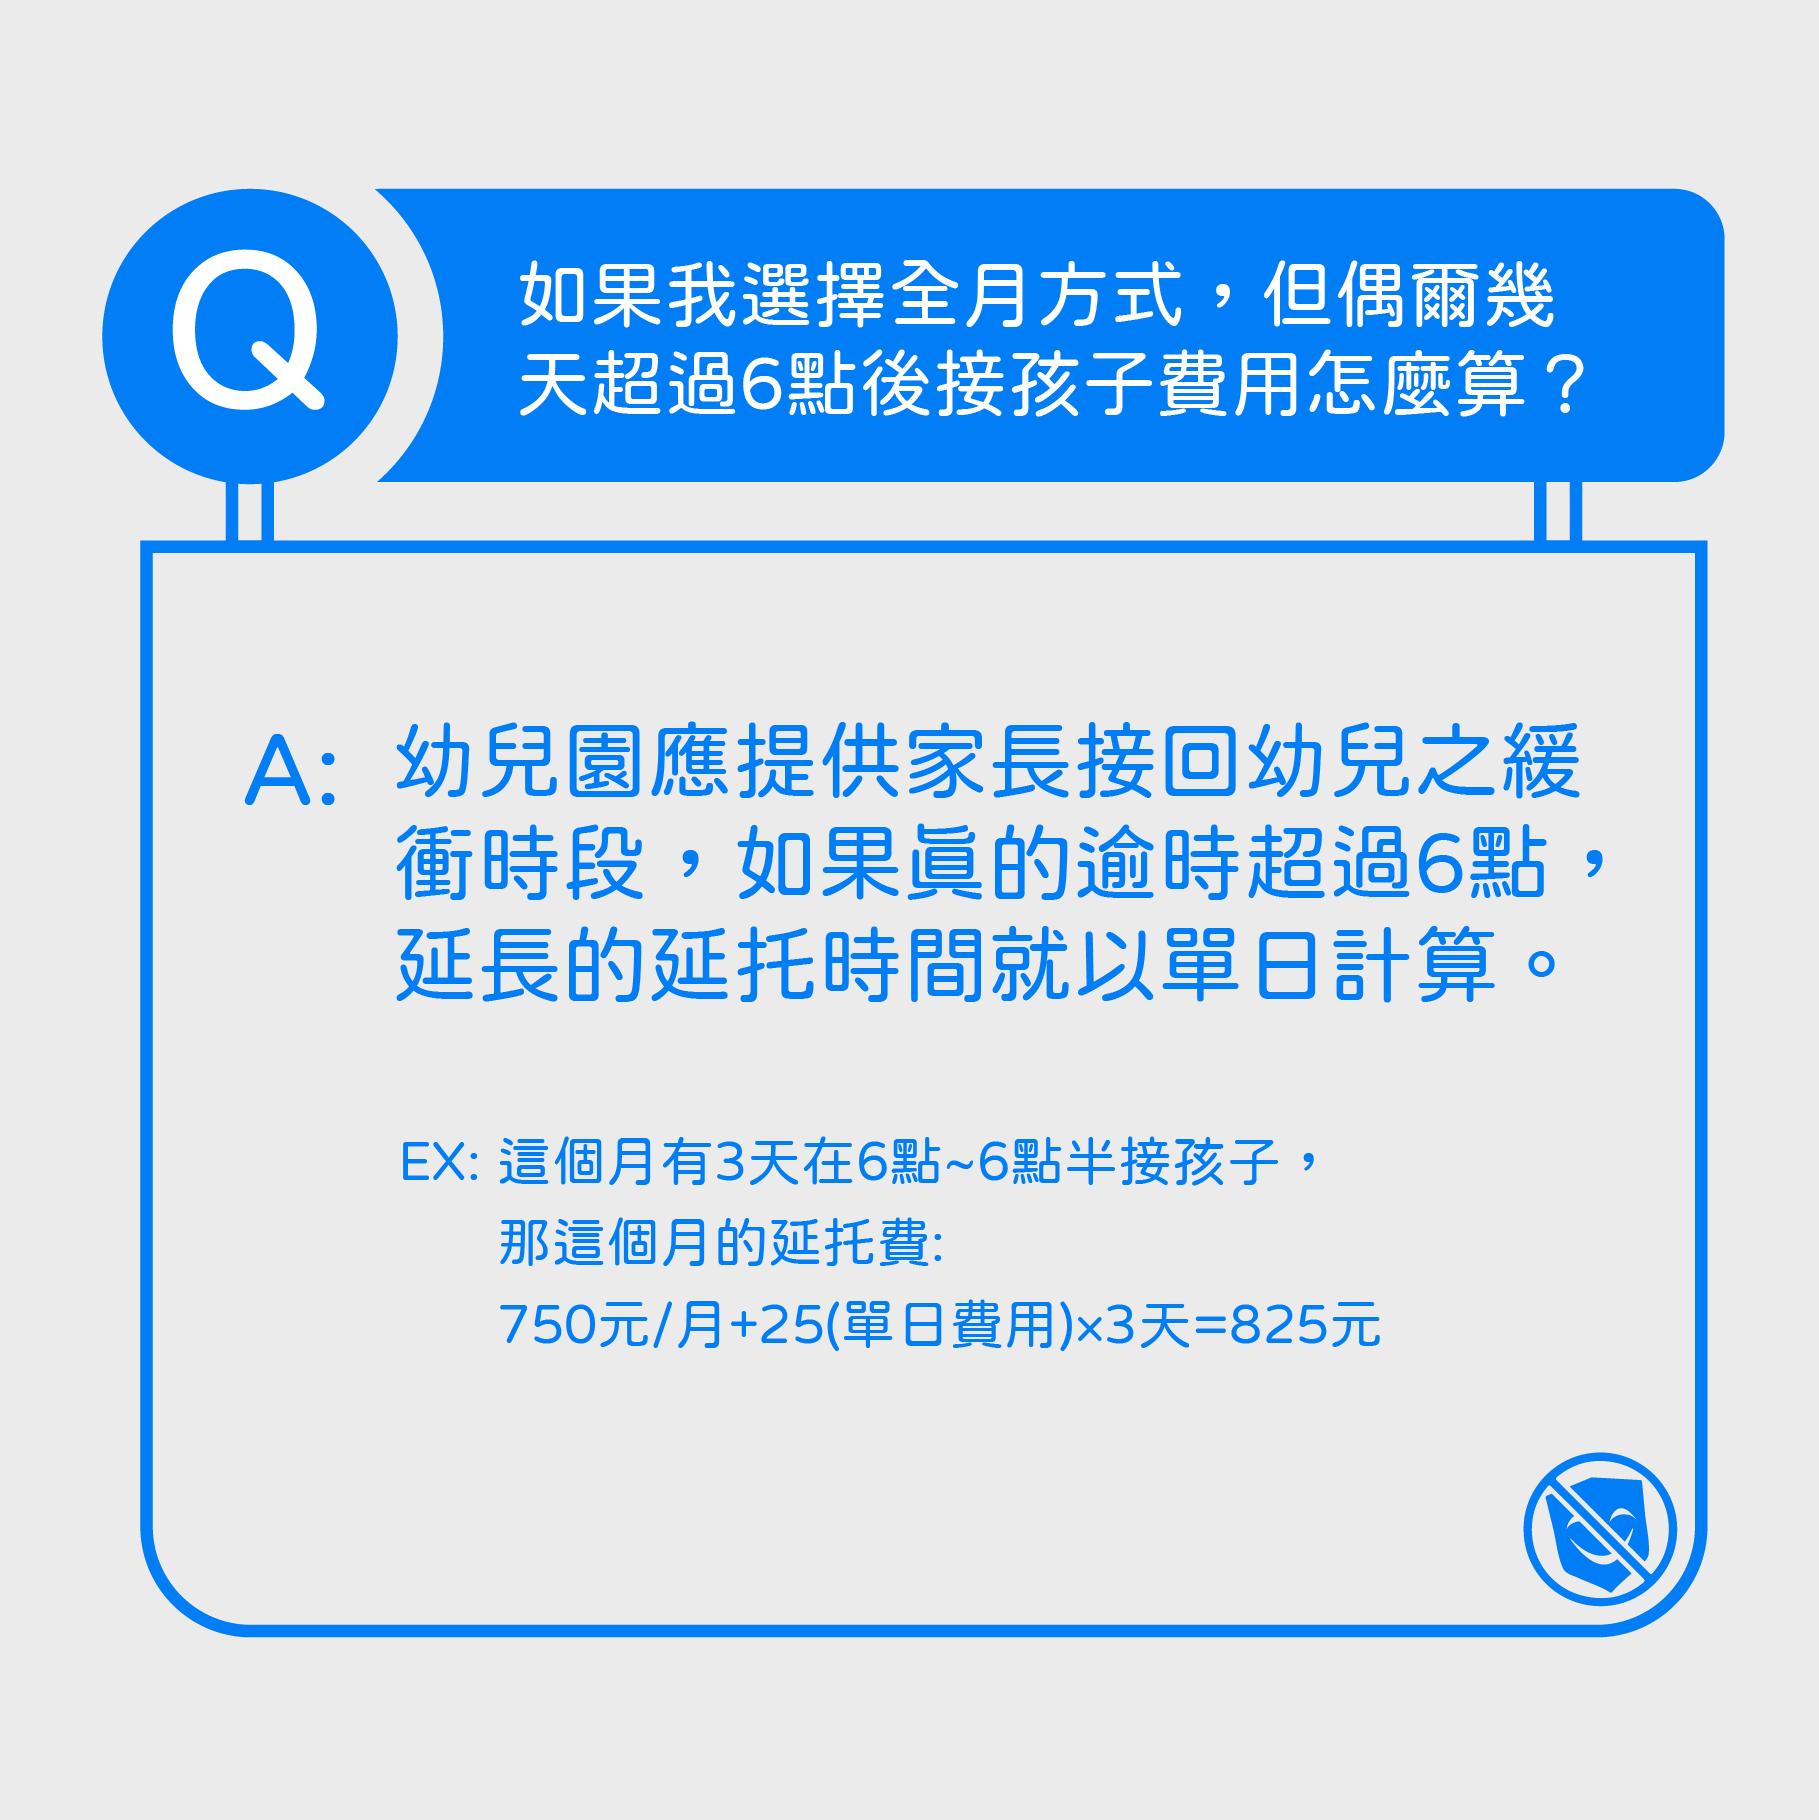 準公共化幼兒園【課後延托費】開放調漲!家長權益必讀懶人包